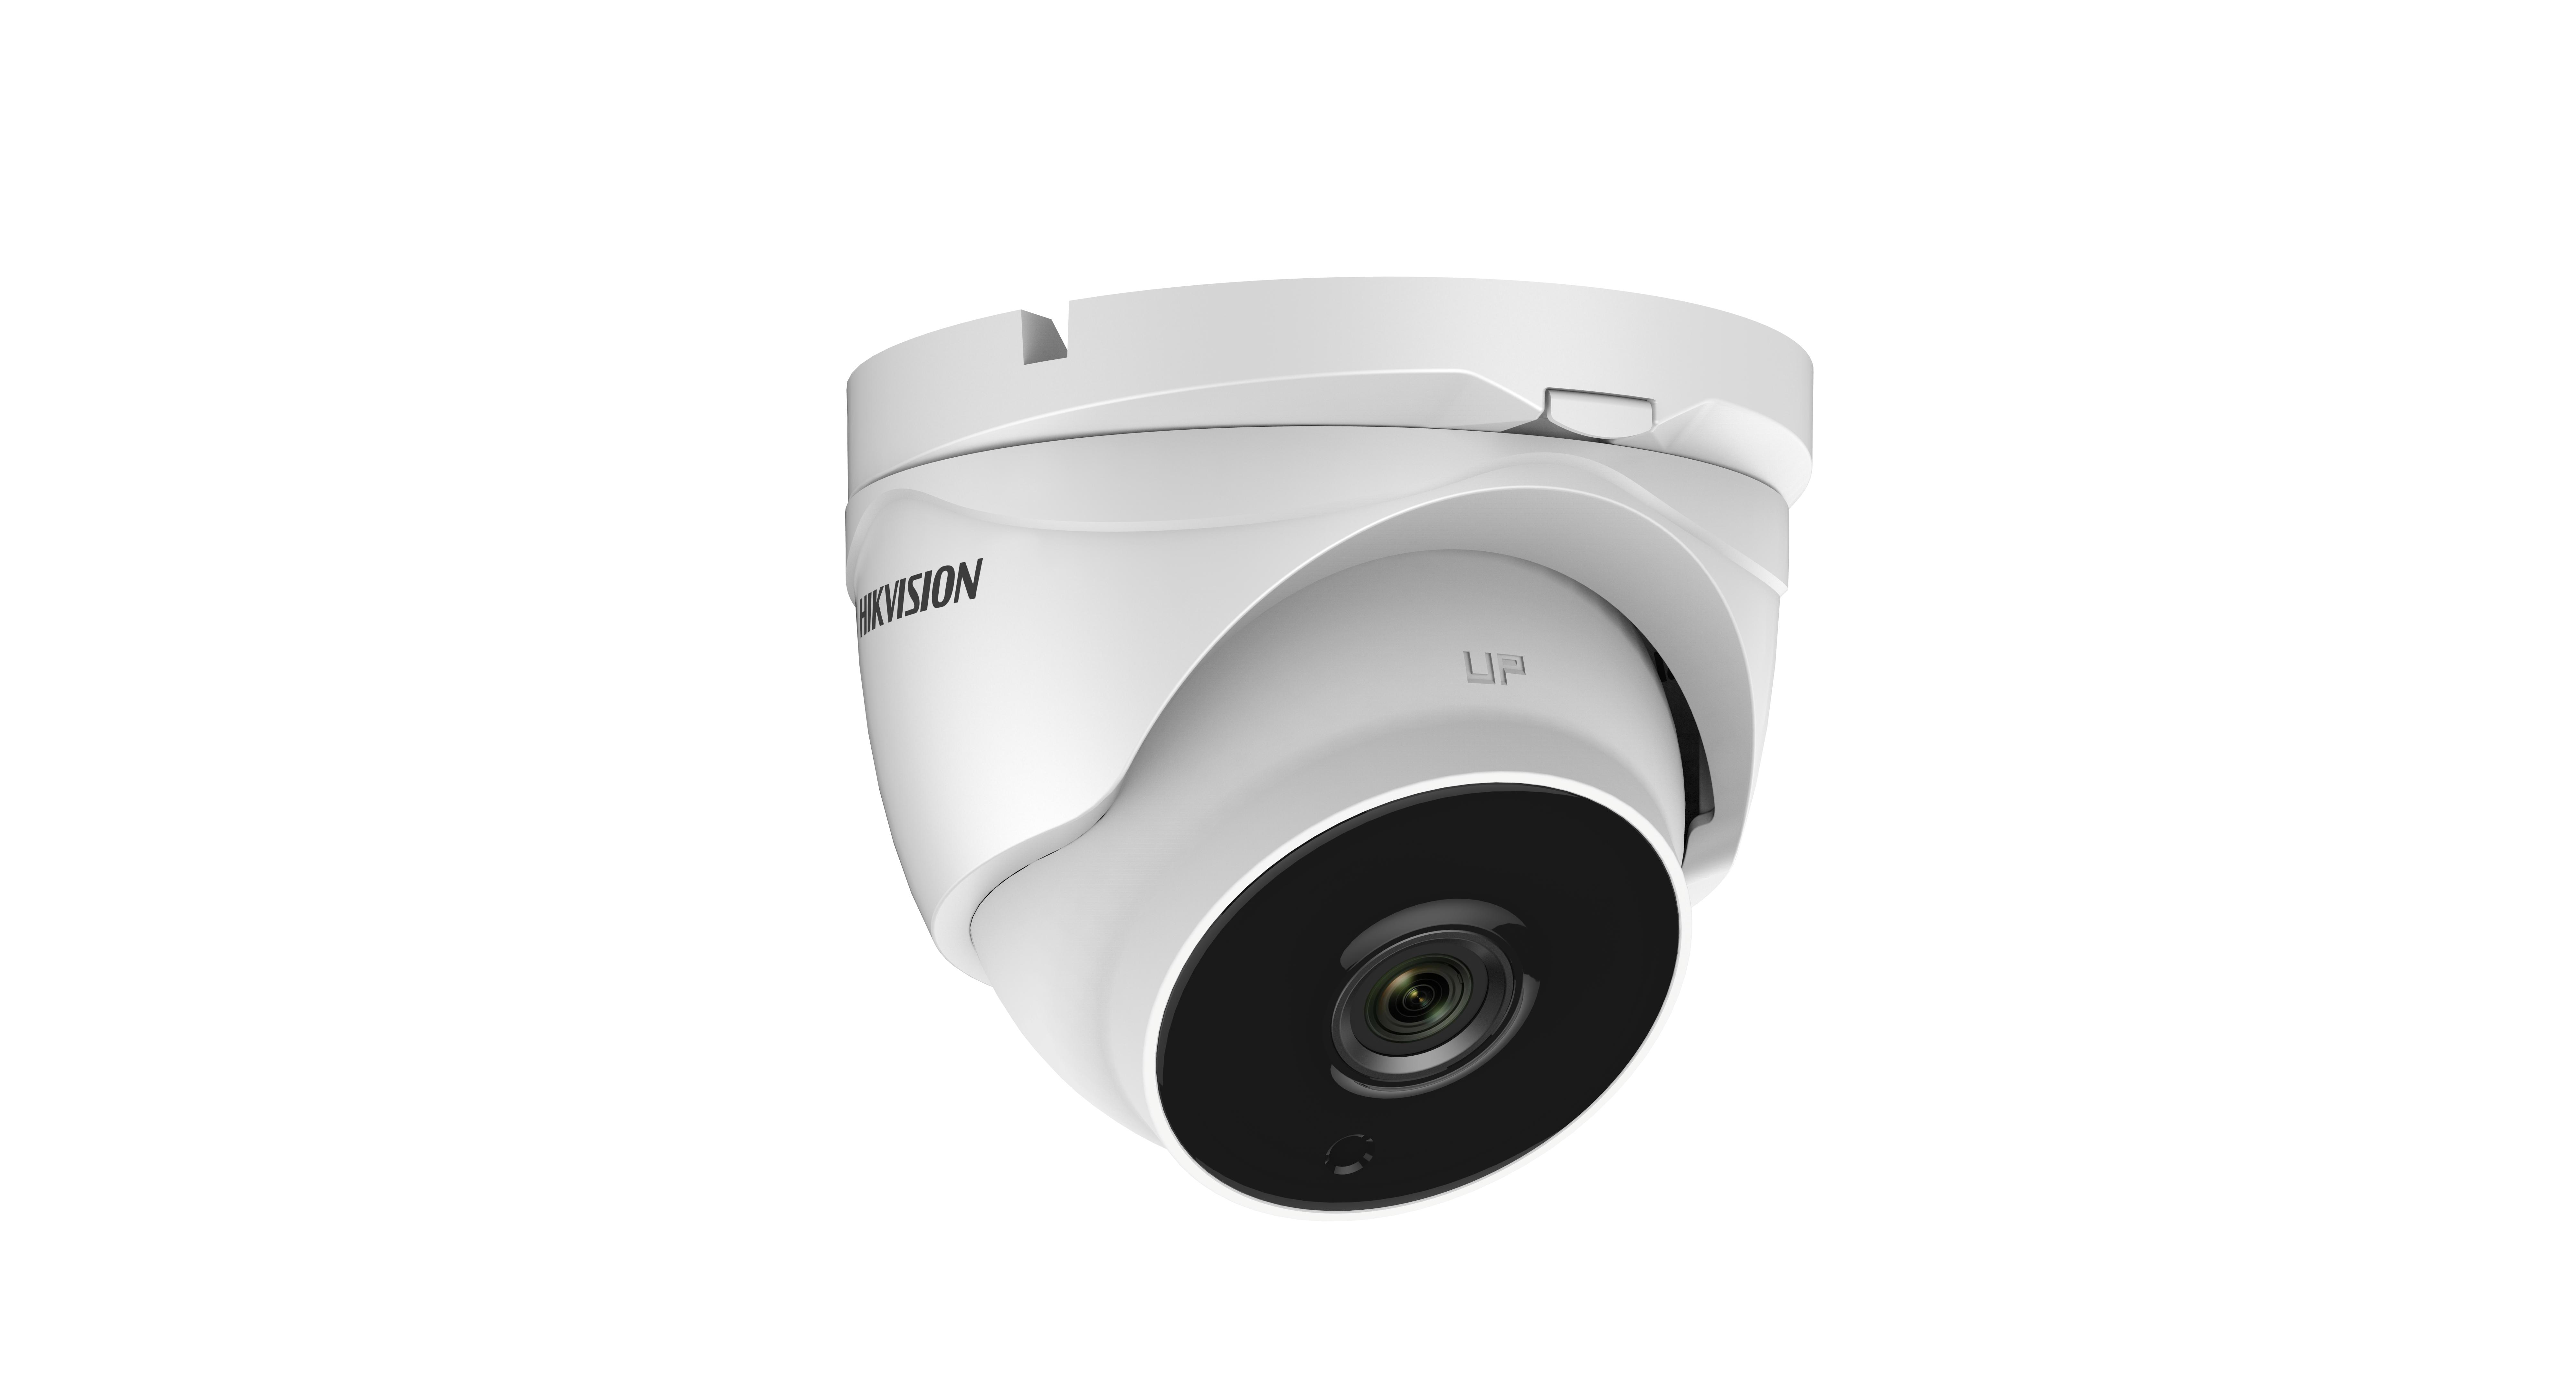 Hikvision DS-2CE56F7T-IT3Z 2.8-12mm